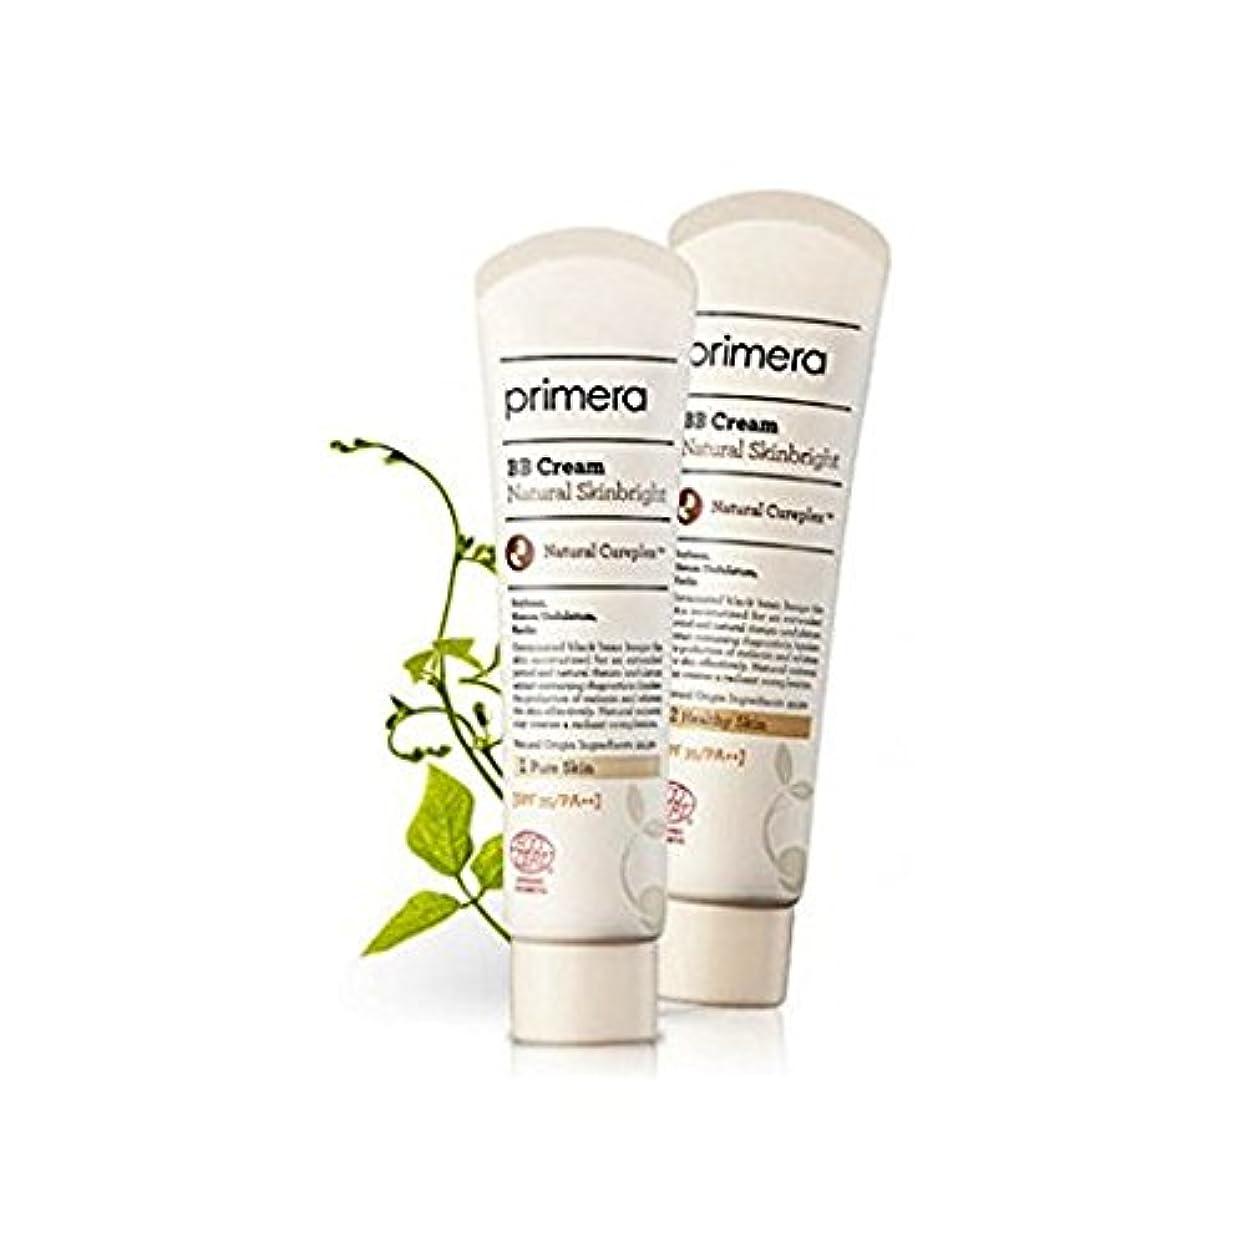 適応する急勾配の苦いPrimera(プリメラ) ナチュラル スキン ブライト BBクリーム 30ml(Healthy Skin) /Primera Natural Skin Bright BB Cream 30ml(Healthy Skin...